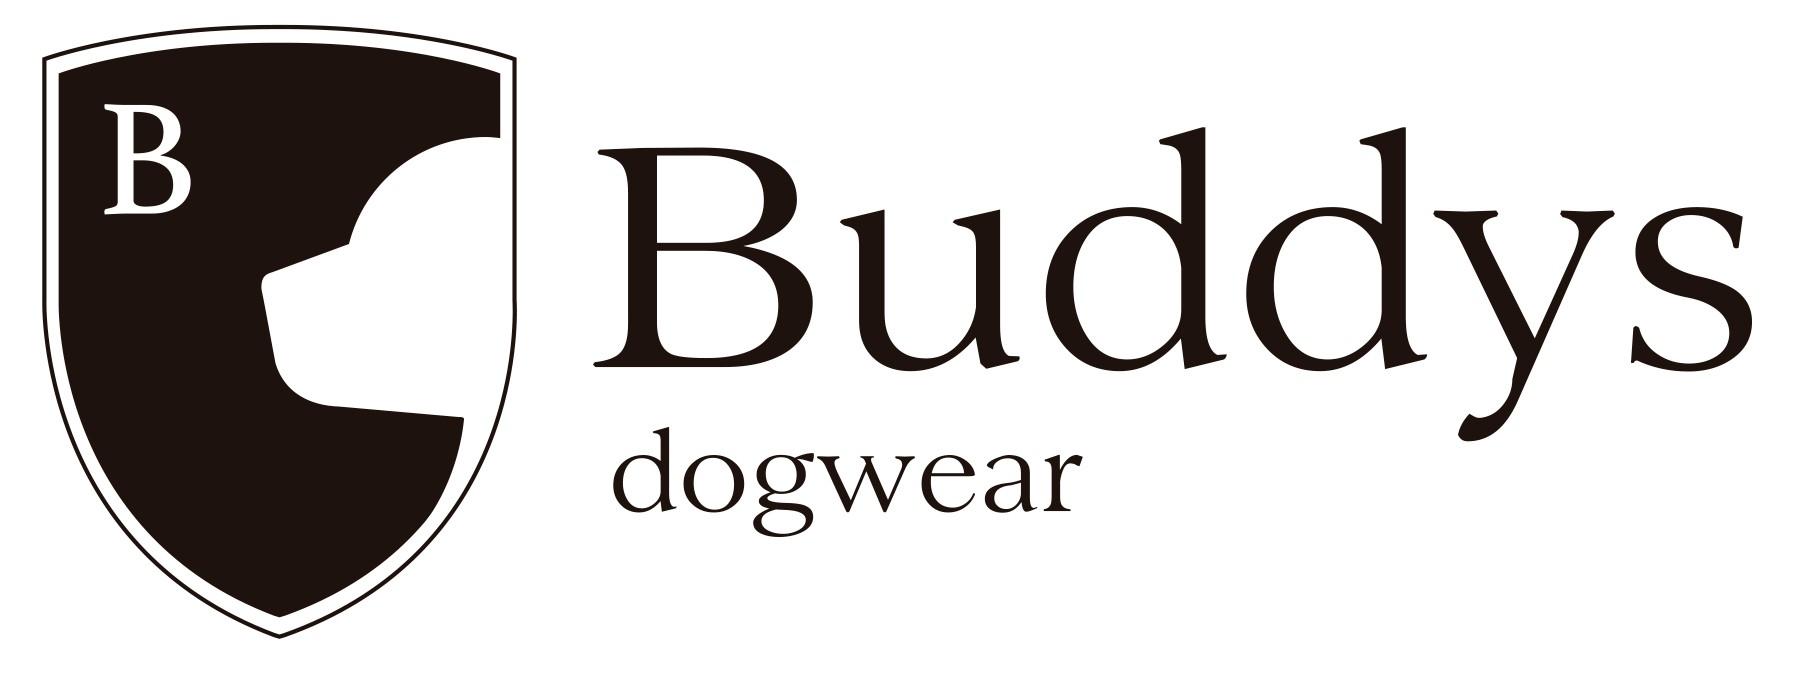 BUDDYS DOGWEAR